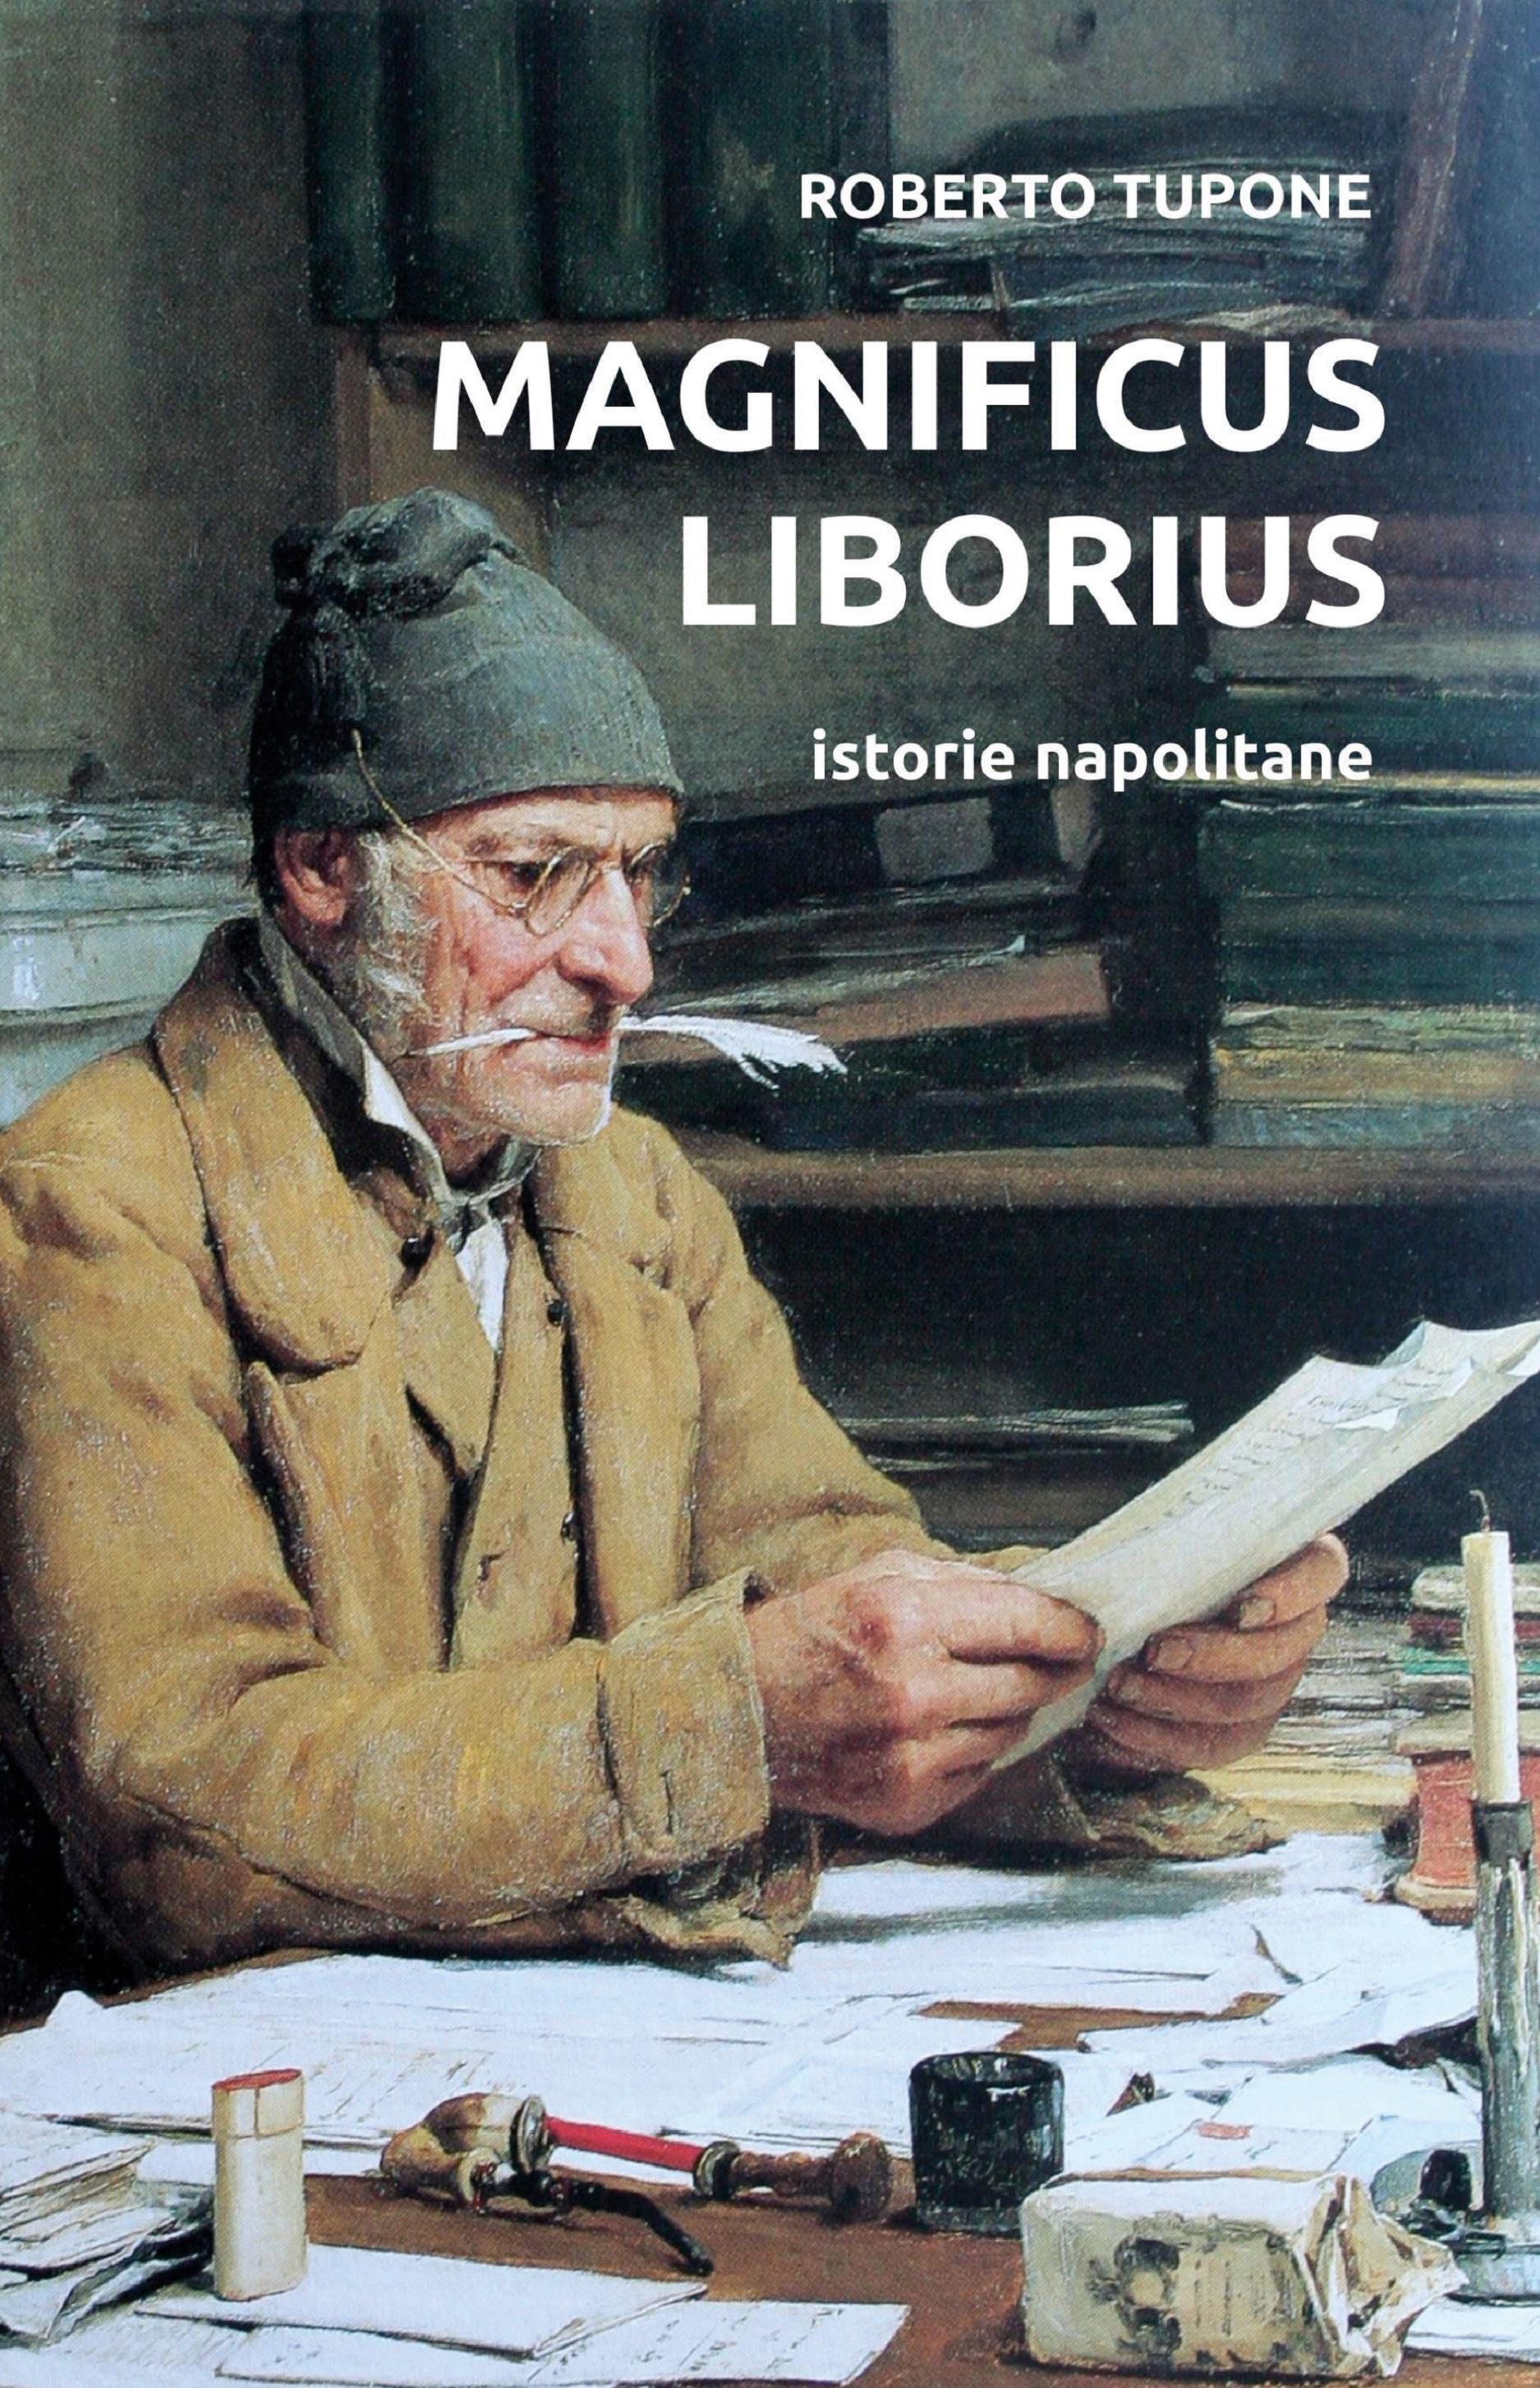 Magnificus Liborius